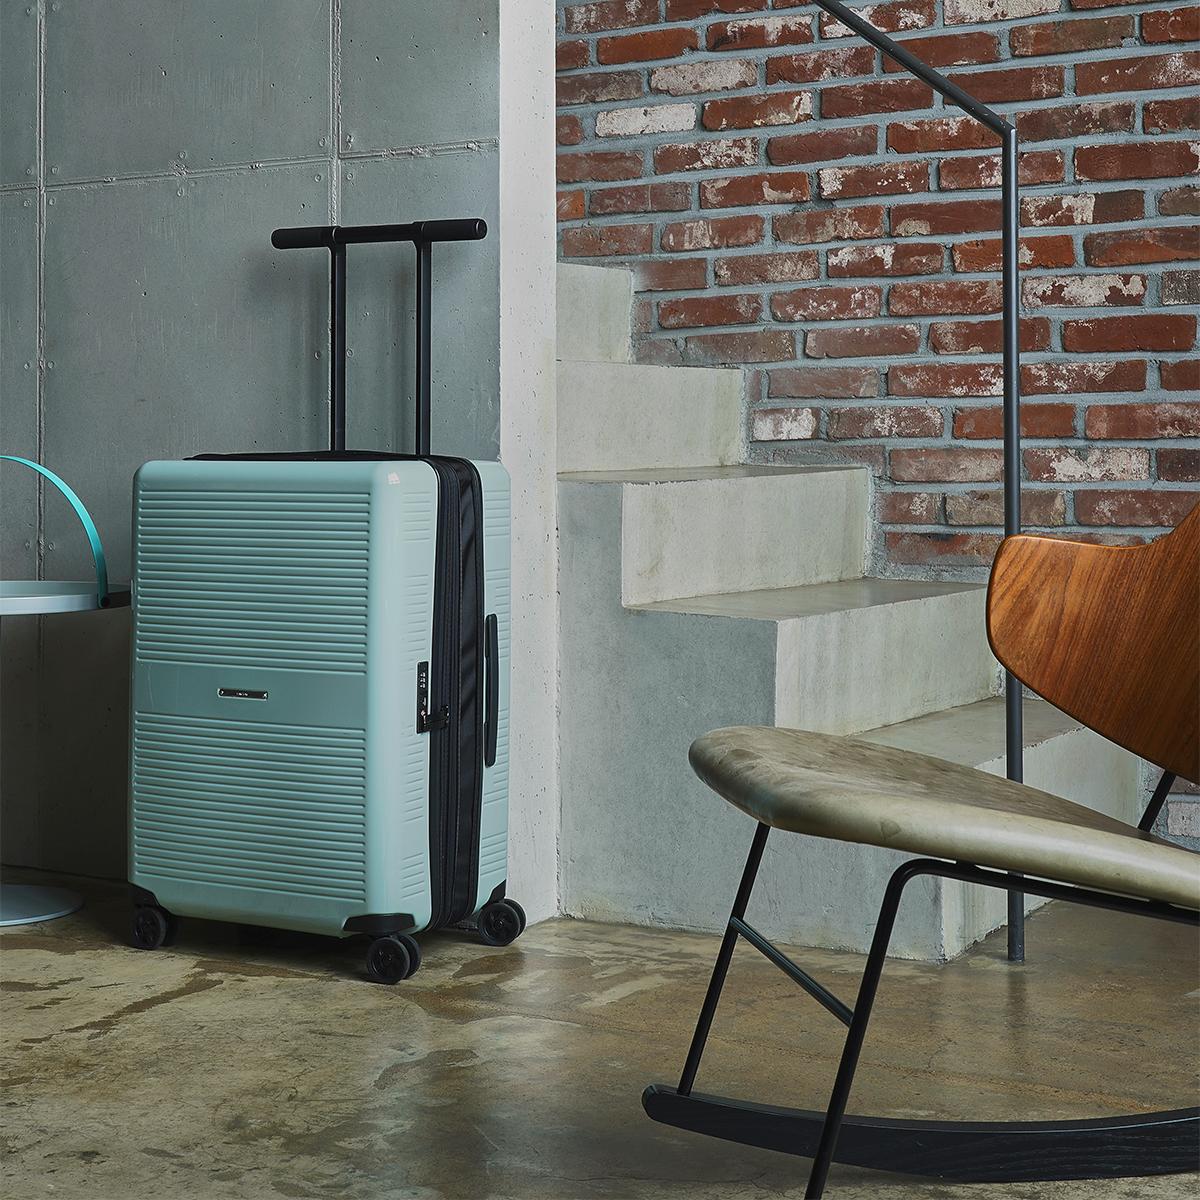 大小ふたつのサイズを「入れ子収納」できる、機内持ち込み用(37L)&長期旅行用(72L)スーツケースセット| RAWROW | R TRUNK LITE